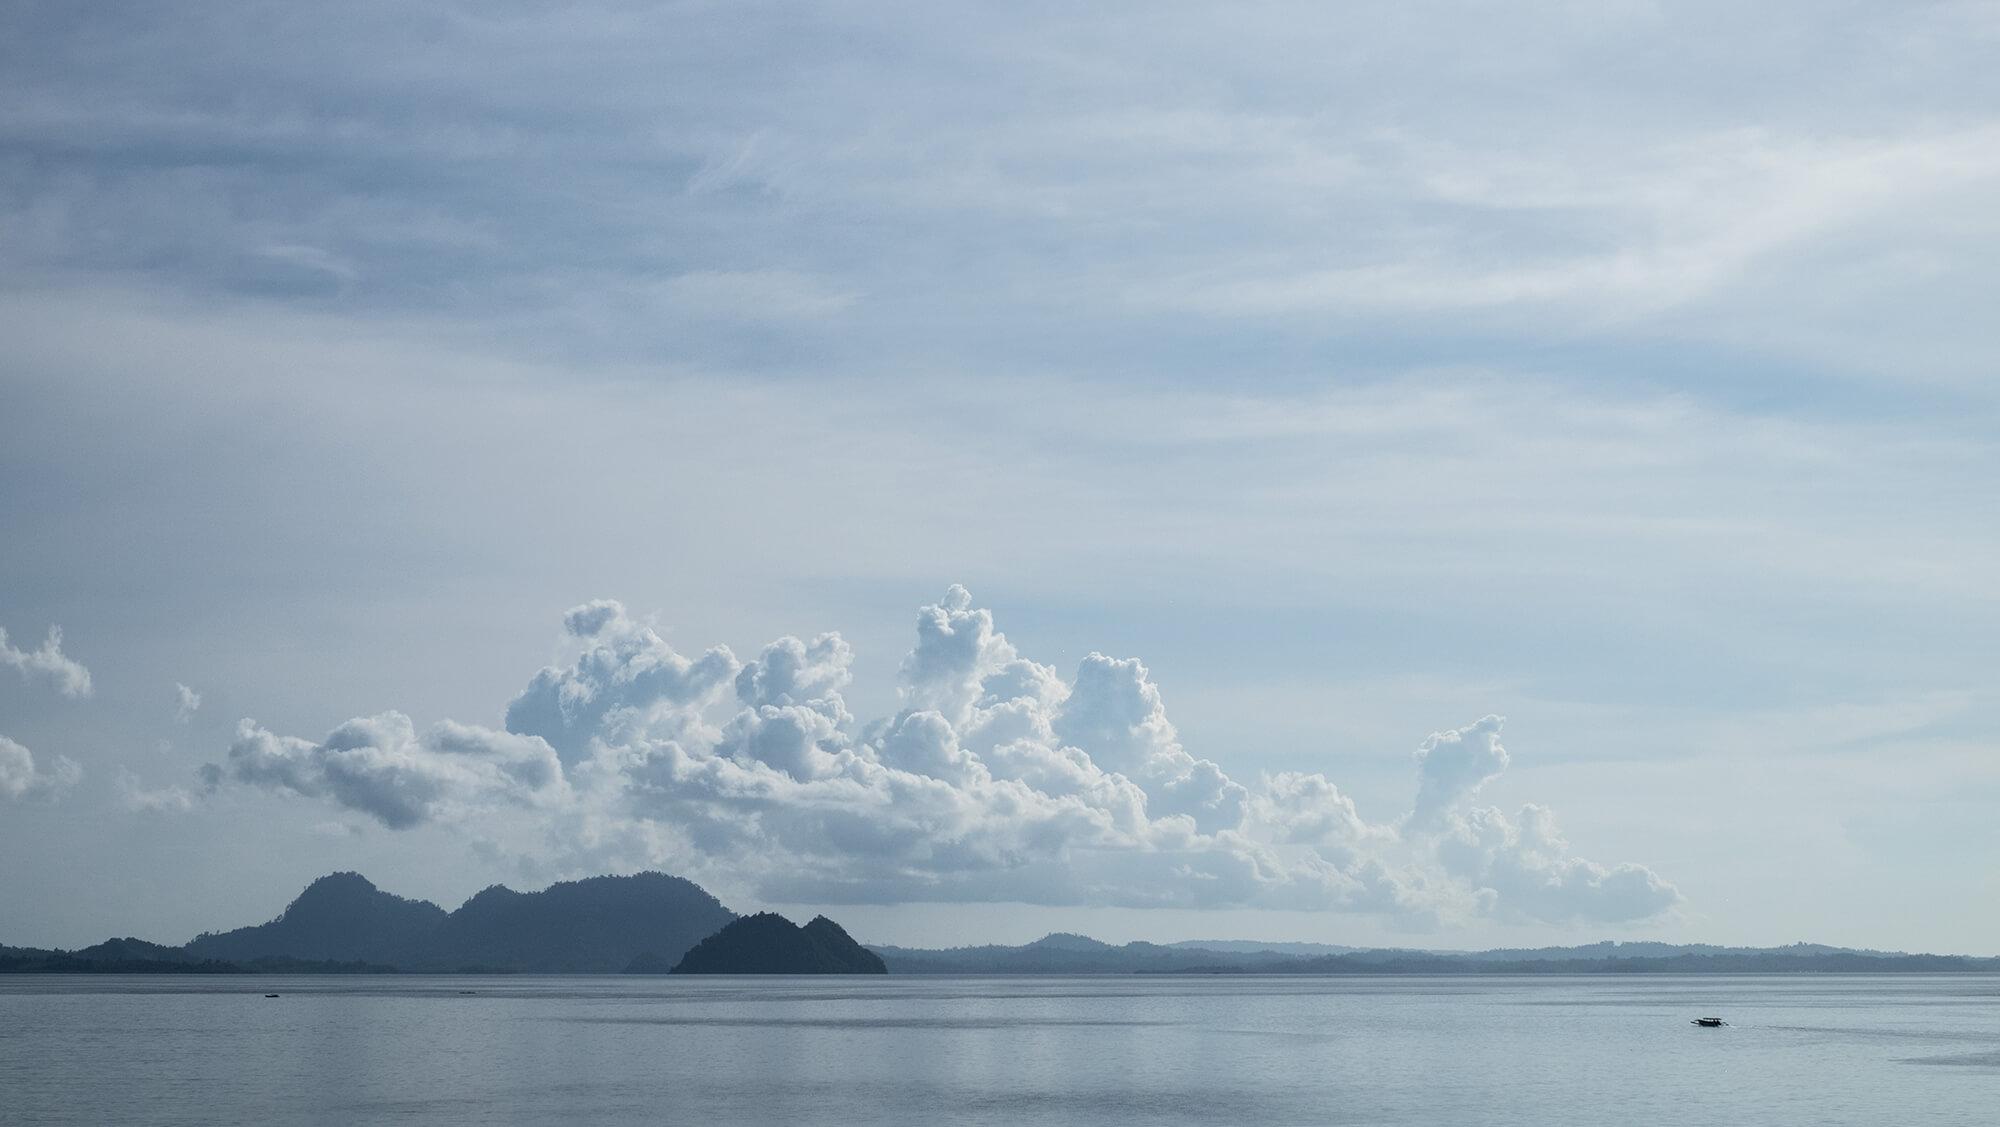 Montañas entre nubes de algodón del paraíso de las islas Togean de Sulawesi